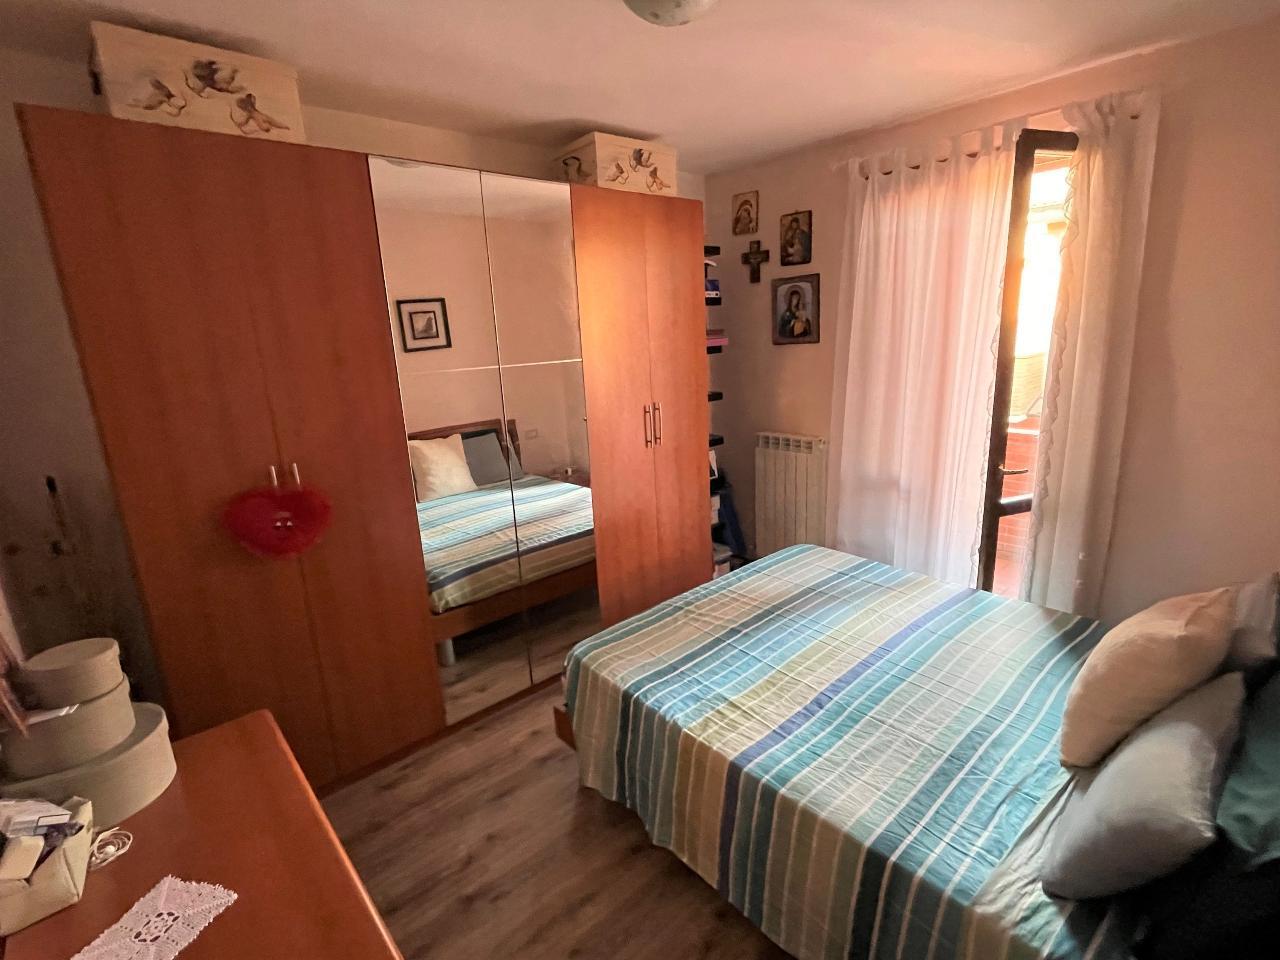 Appartamento PERSICO DOSIMO €89.000,00